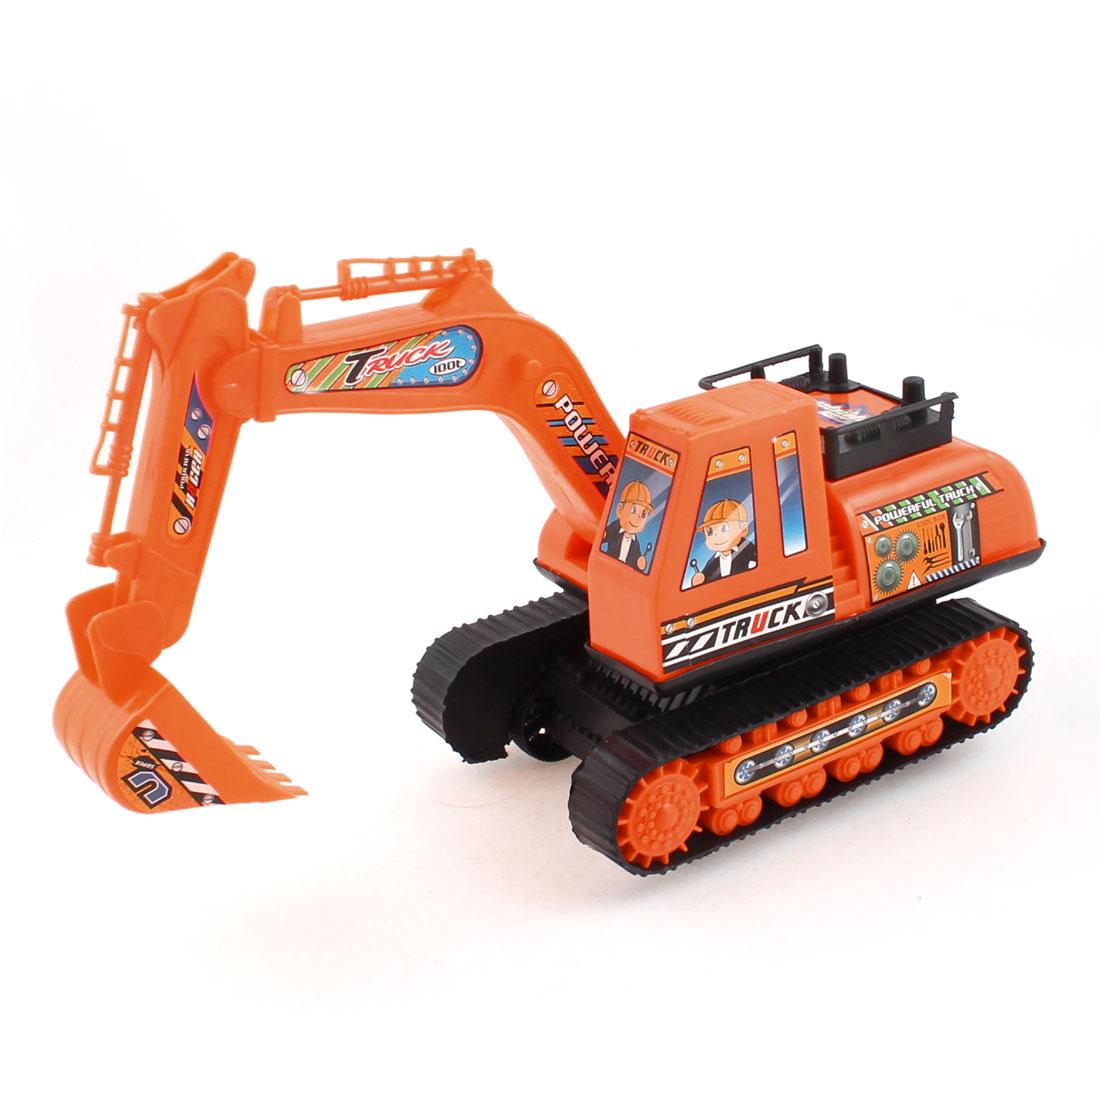 Black Orange Plastic Imitated Excavator Toy for Children